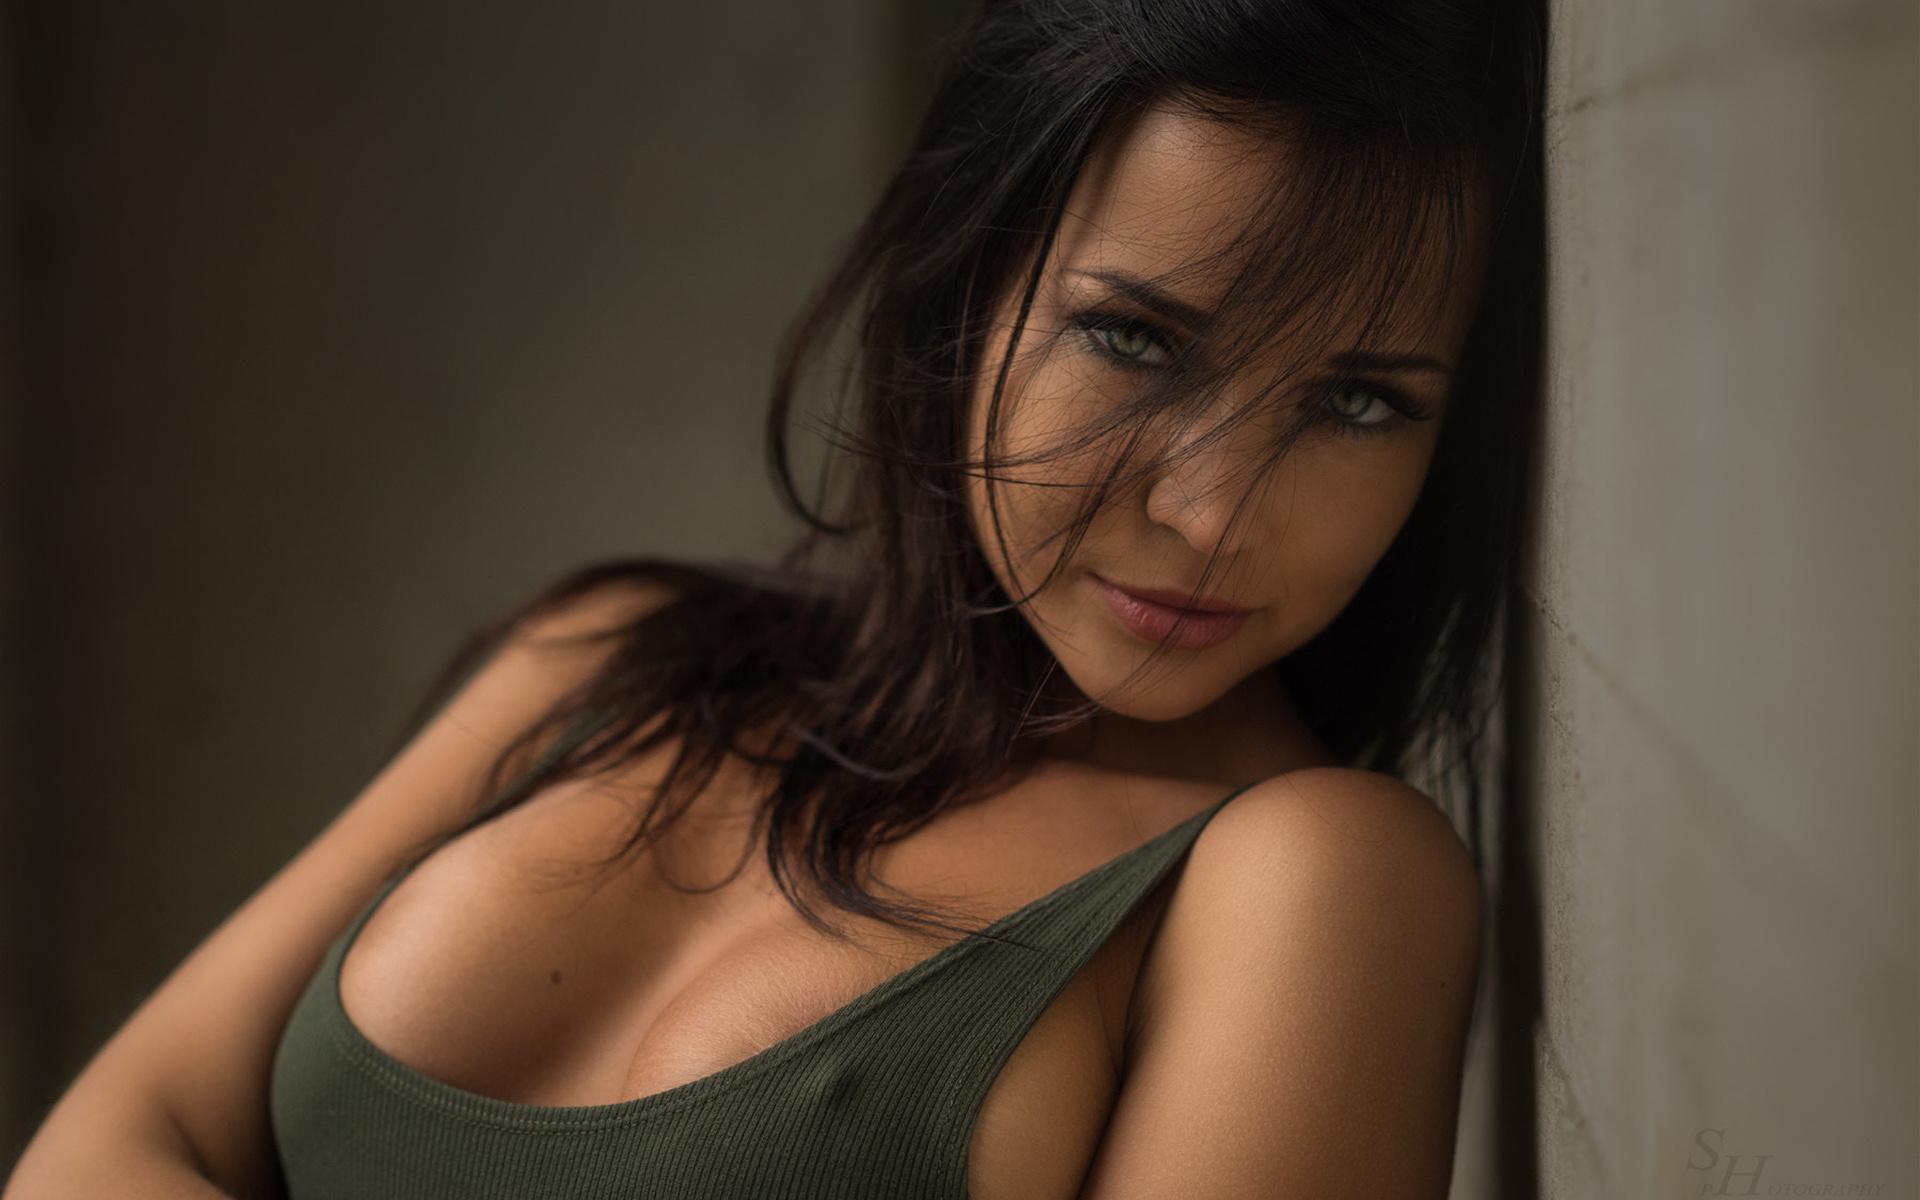 Русская красотка ангелина, Русское порно с Анжелика - смотреть онлайн бесплатно 23 фотография